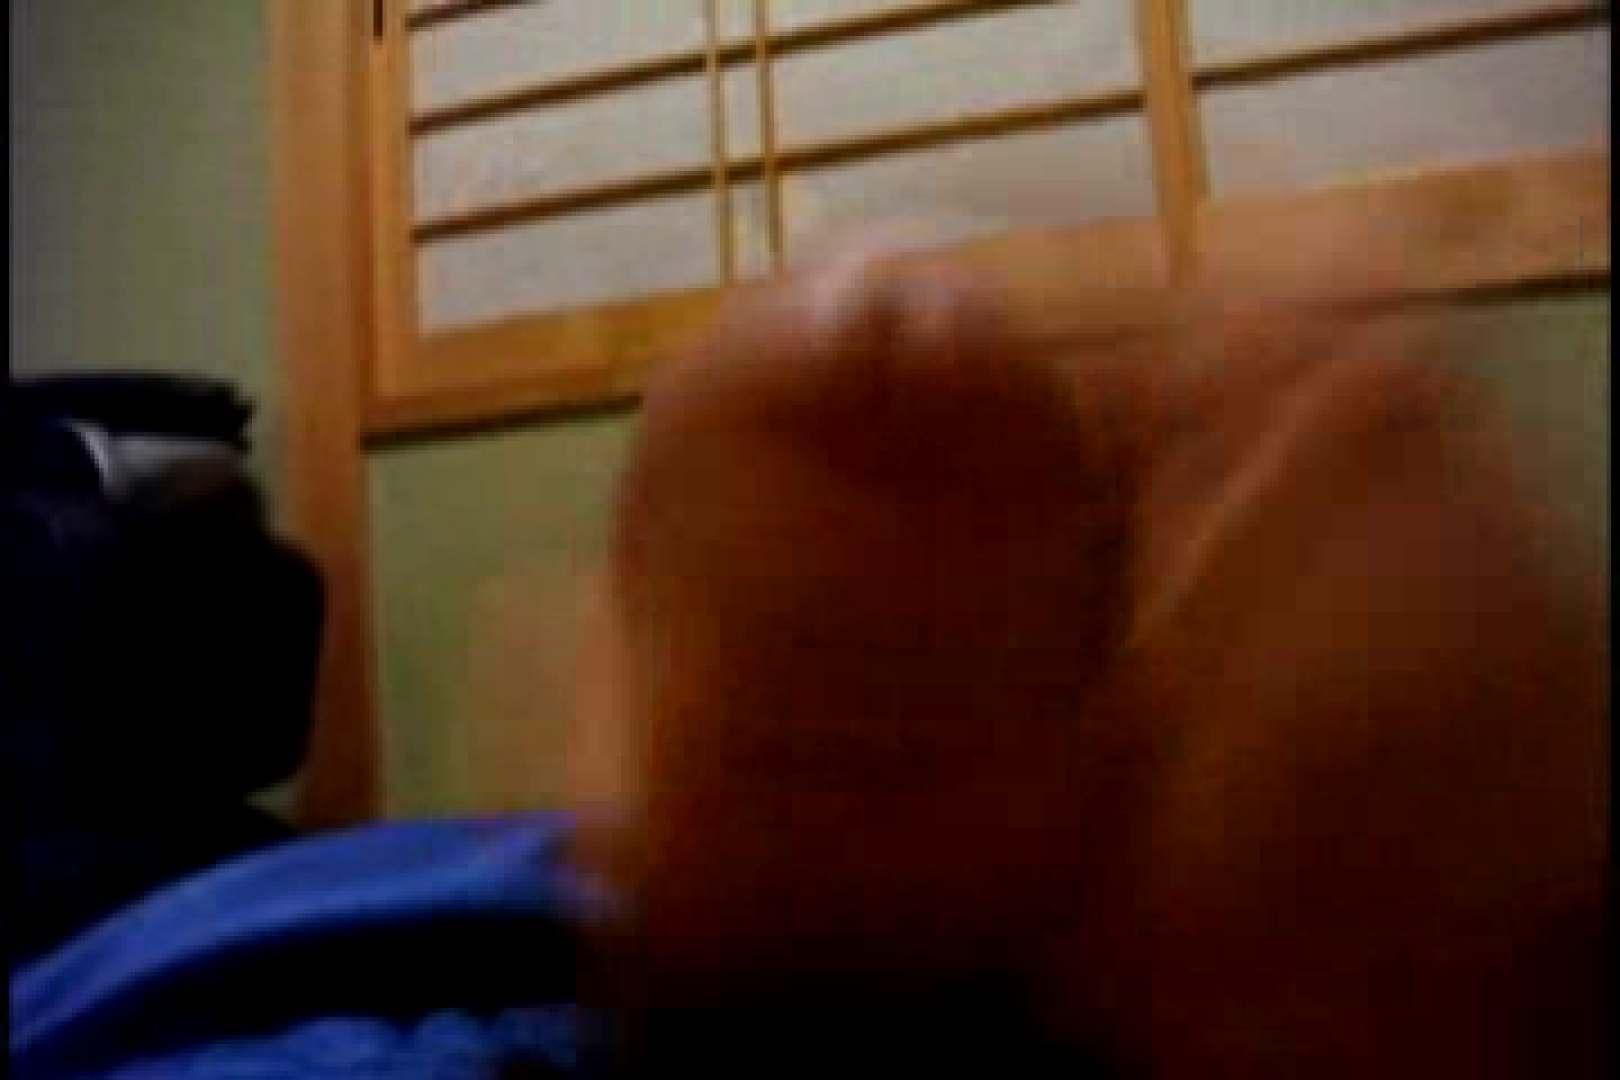 オナ好きノンケテニス部員の自画撮り投稿vol.02 射精天国 ゲイエロ動画 89pic 69